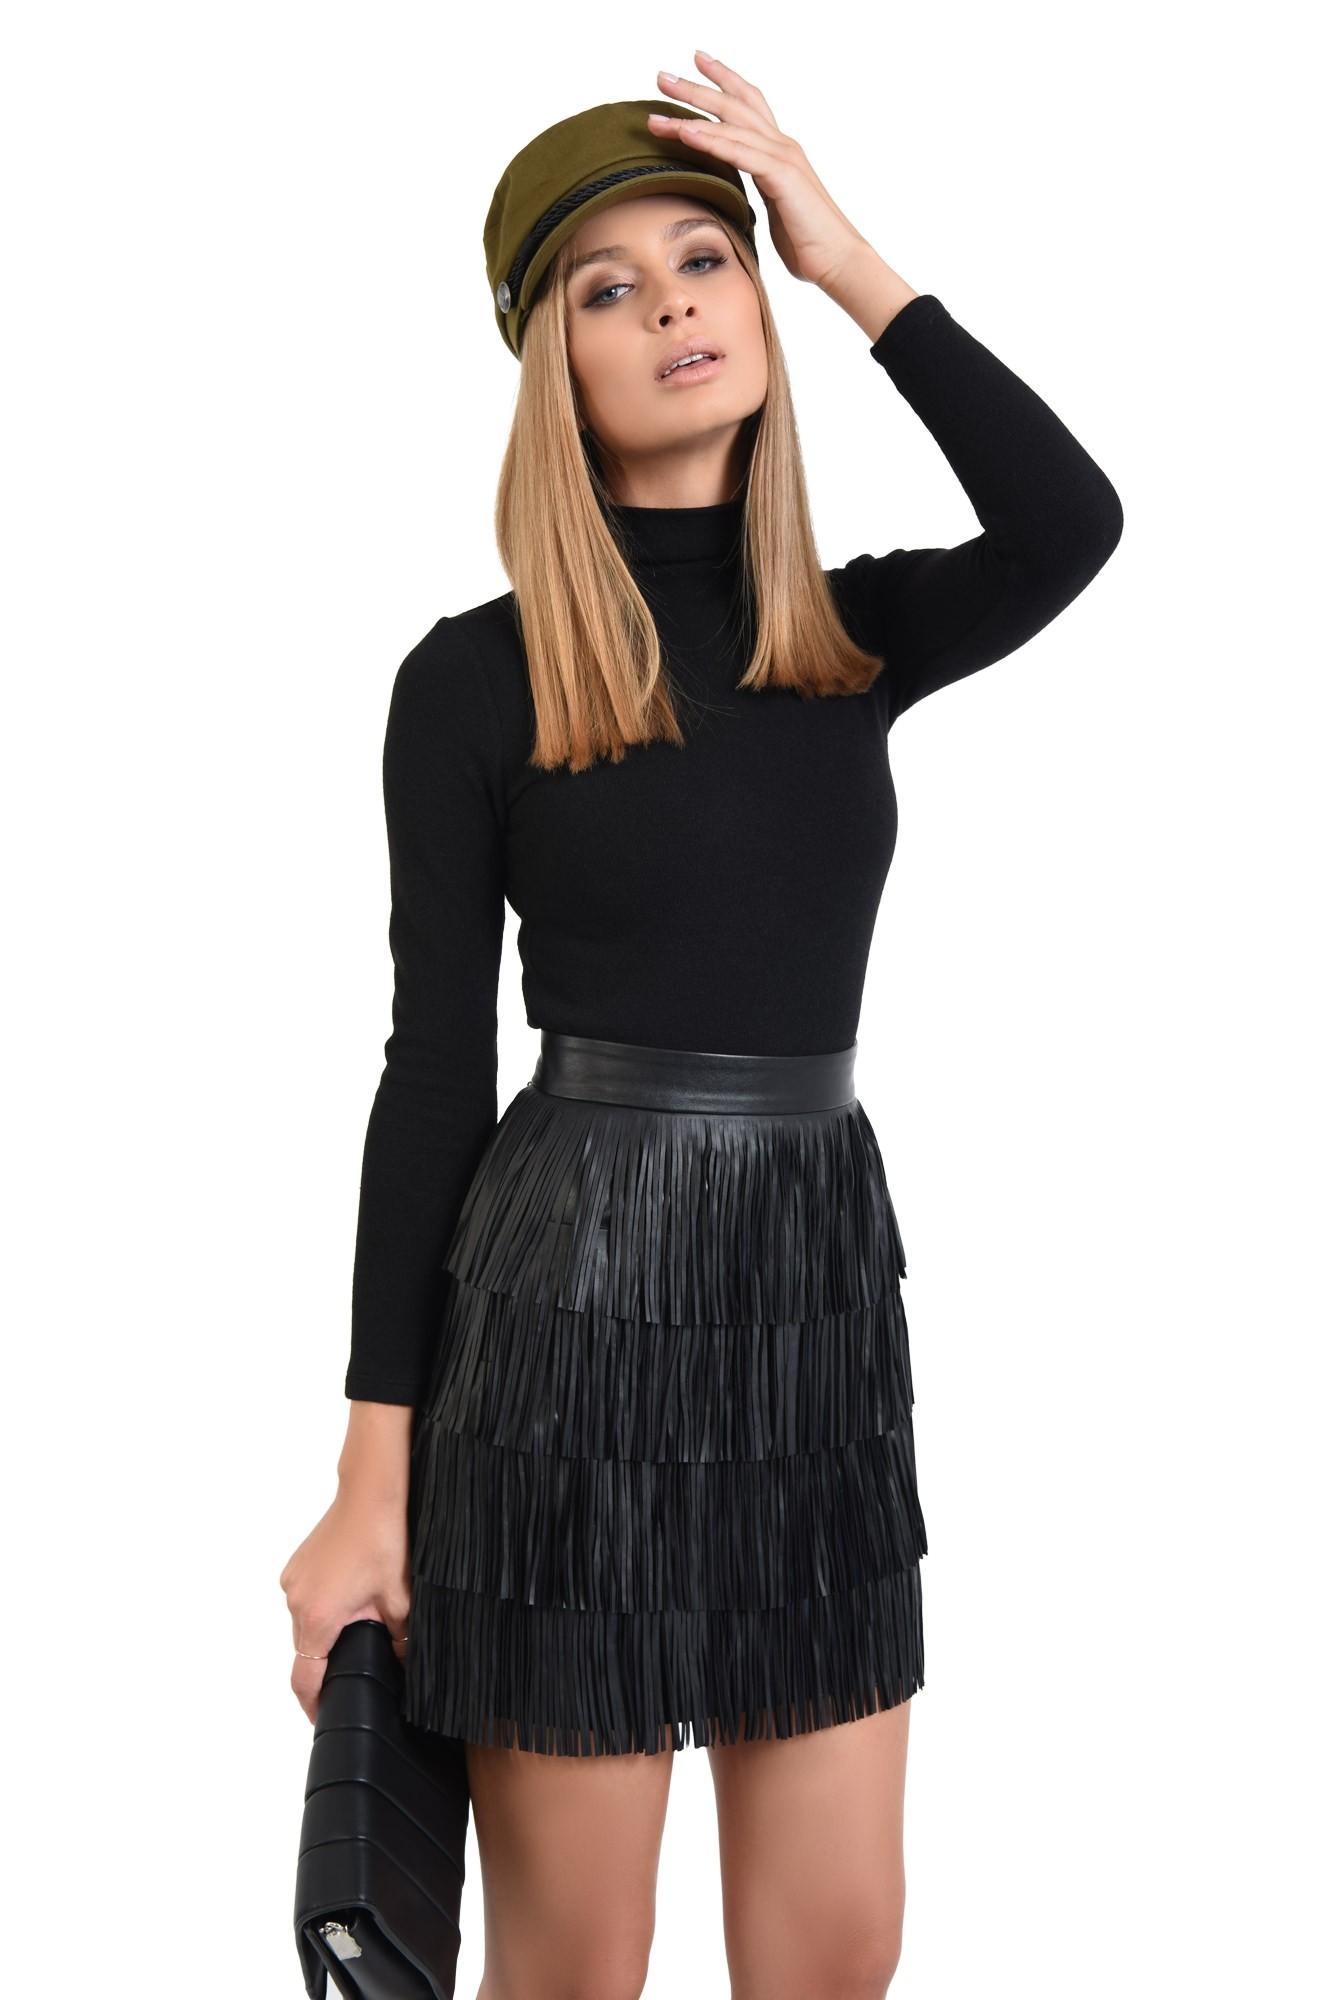 0 - fusta casual mini, franjuri din piele, talie inalta